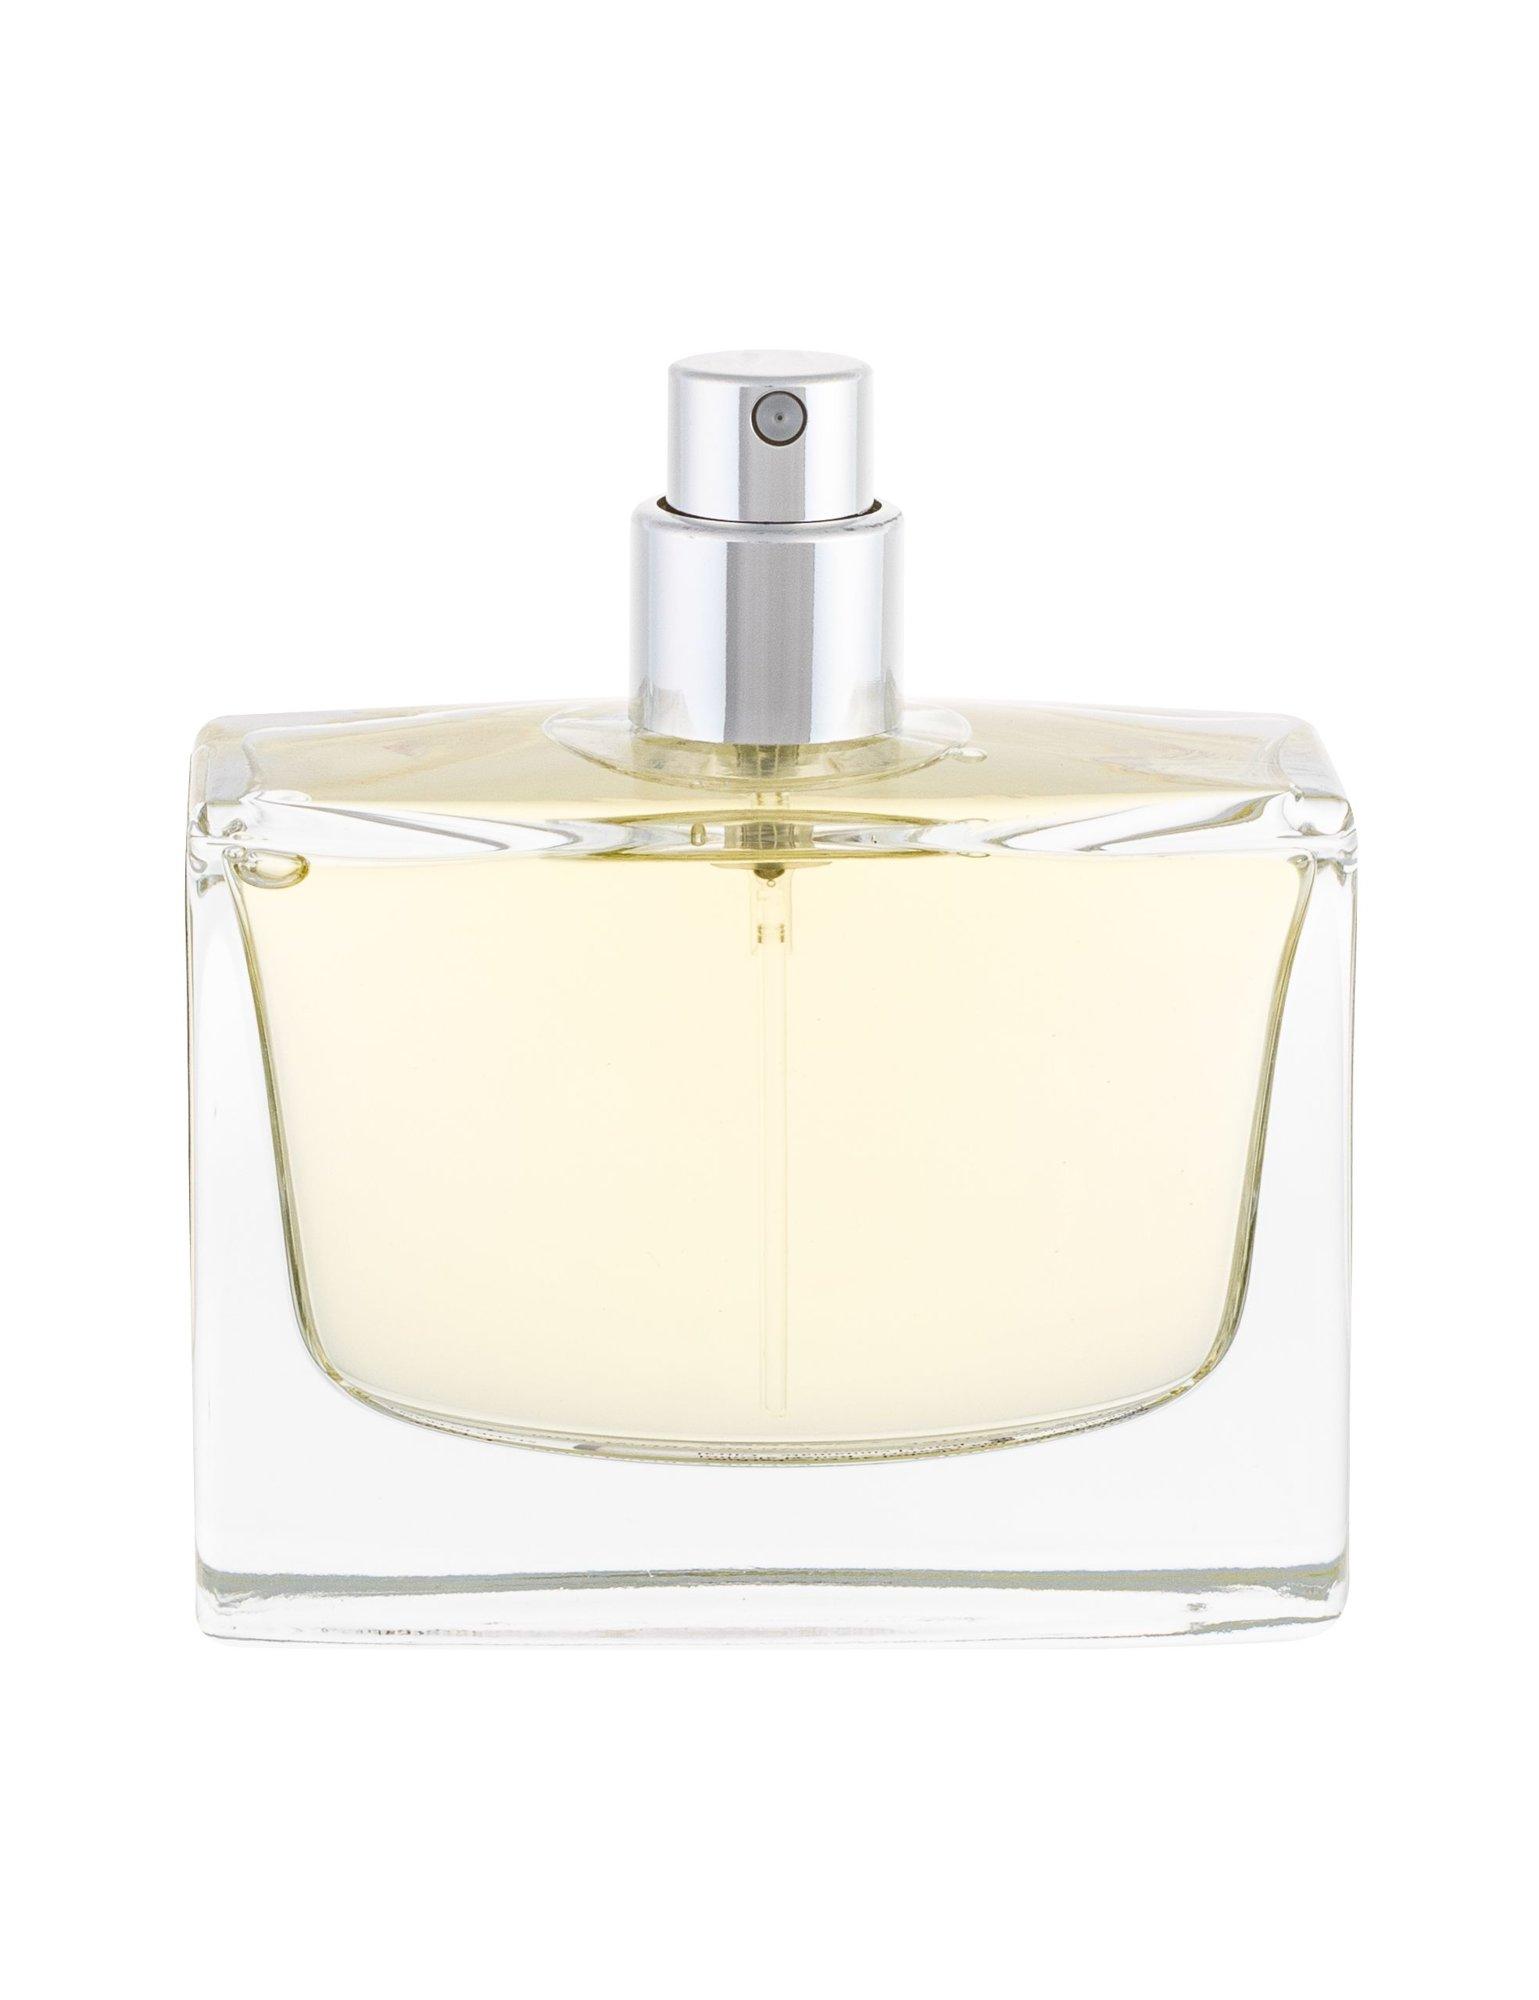 Jovoy Paris Ambre Premier Eau de Parfum 50ml